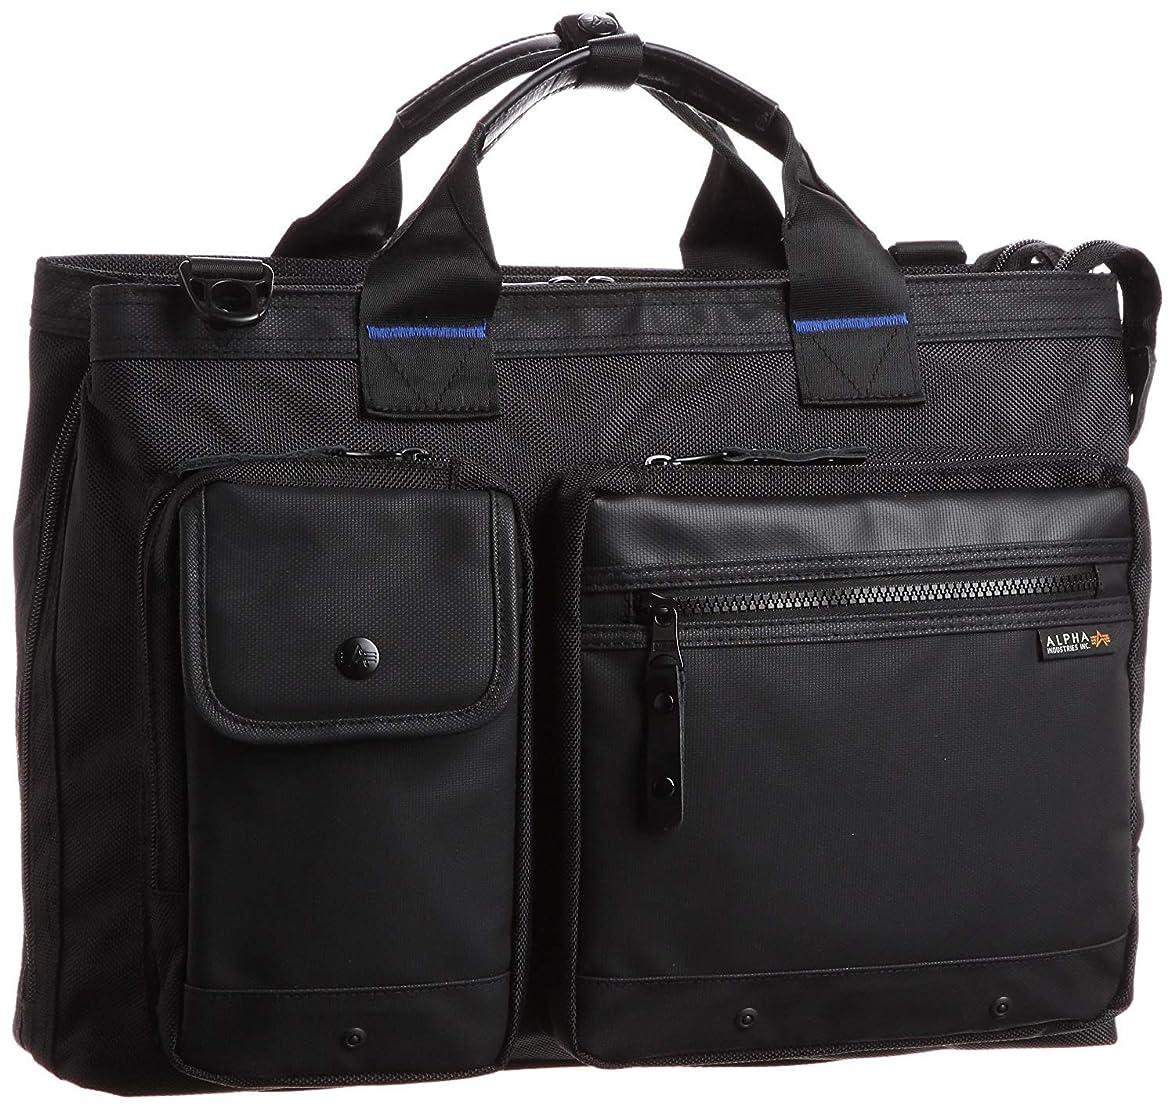 冷蔵庫安全なほのめかす[アルファインダストリーズ] ビジネスバッグ メンズ a4 撥水 CBブルーライン トートビジネスバッグ 4726